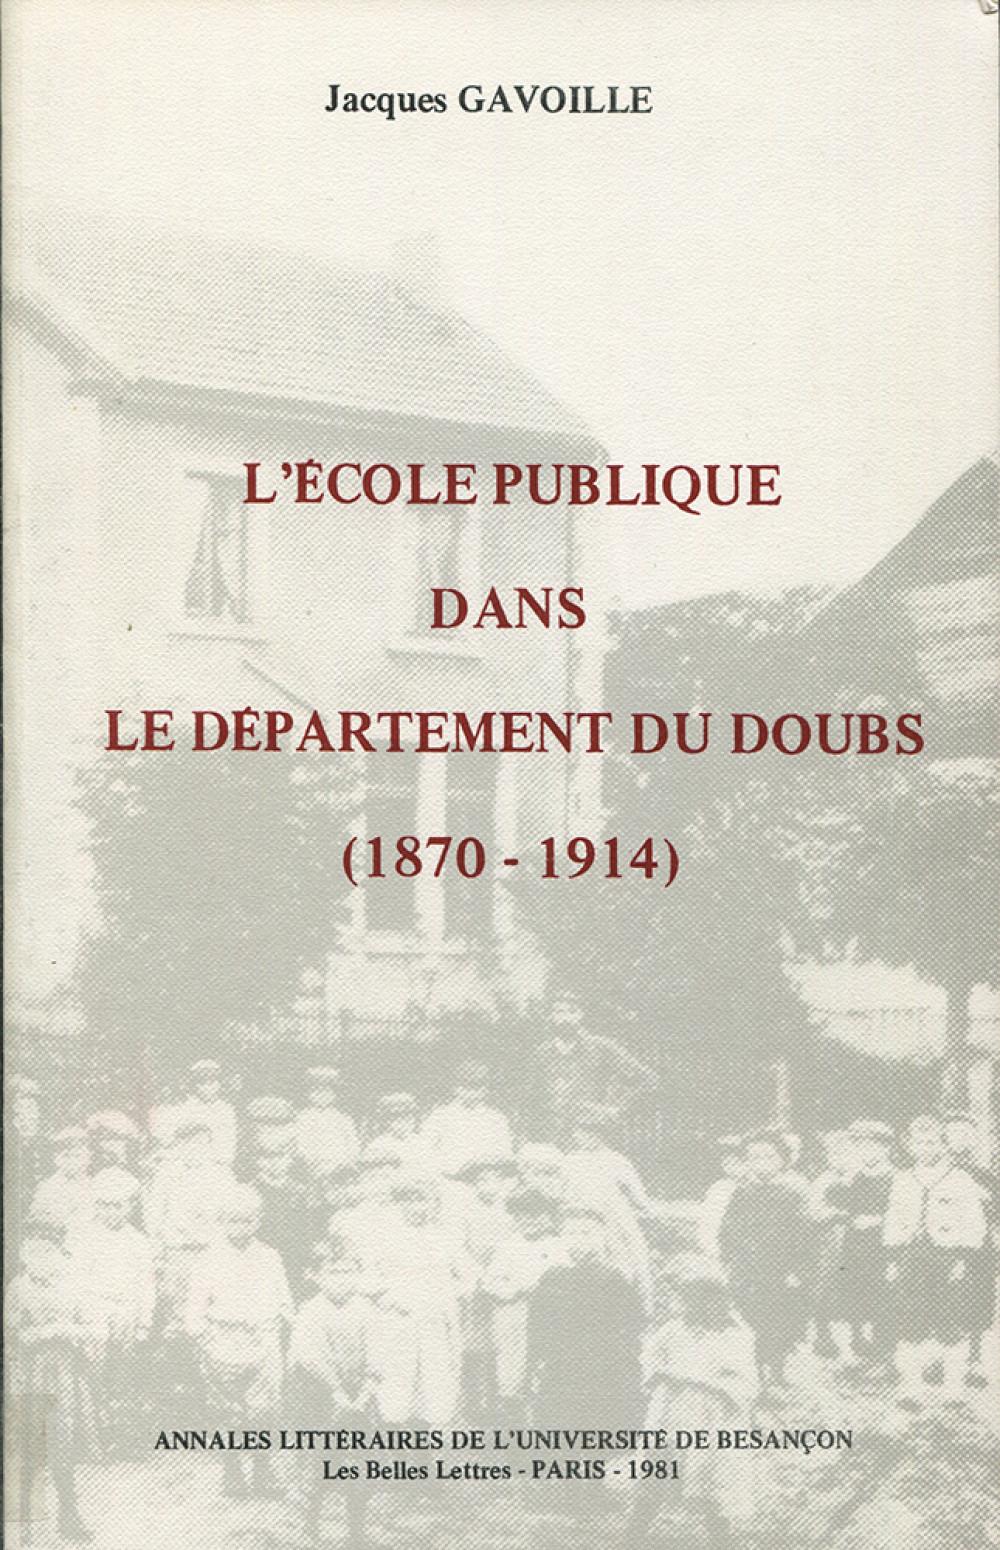 L'école publique dans le département du Doubs 1870-1914